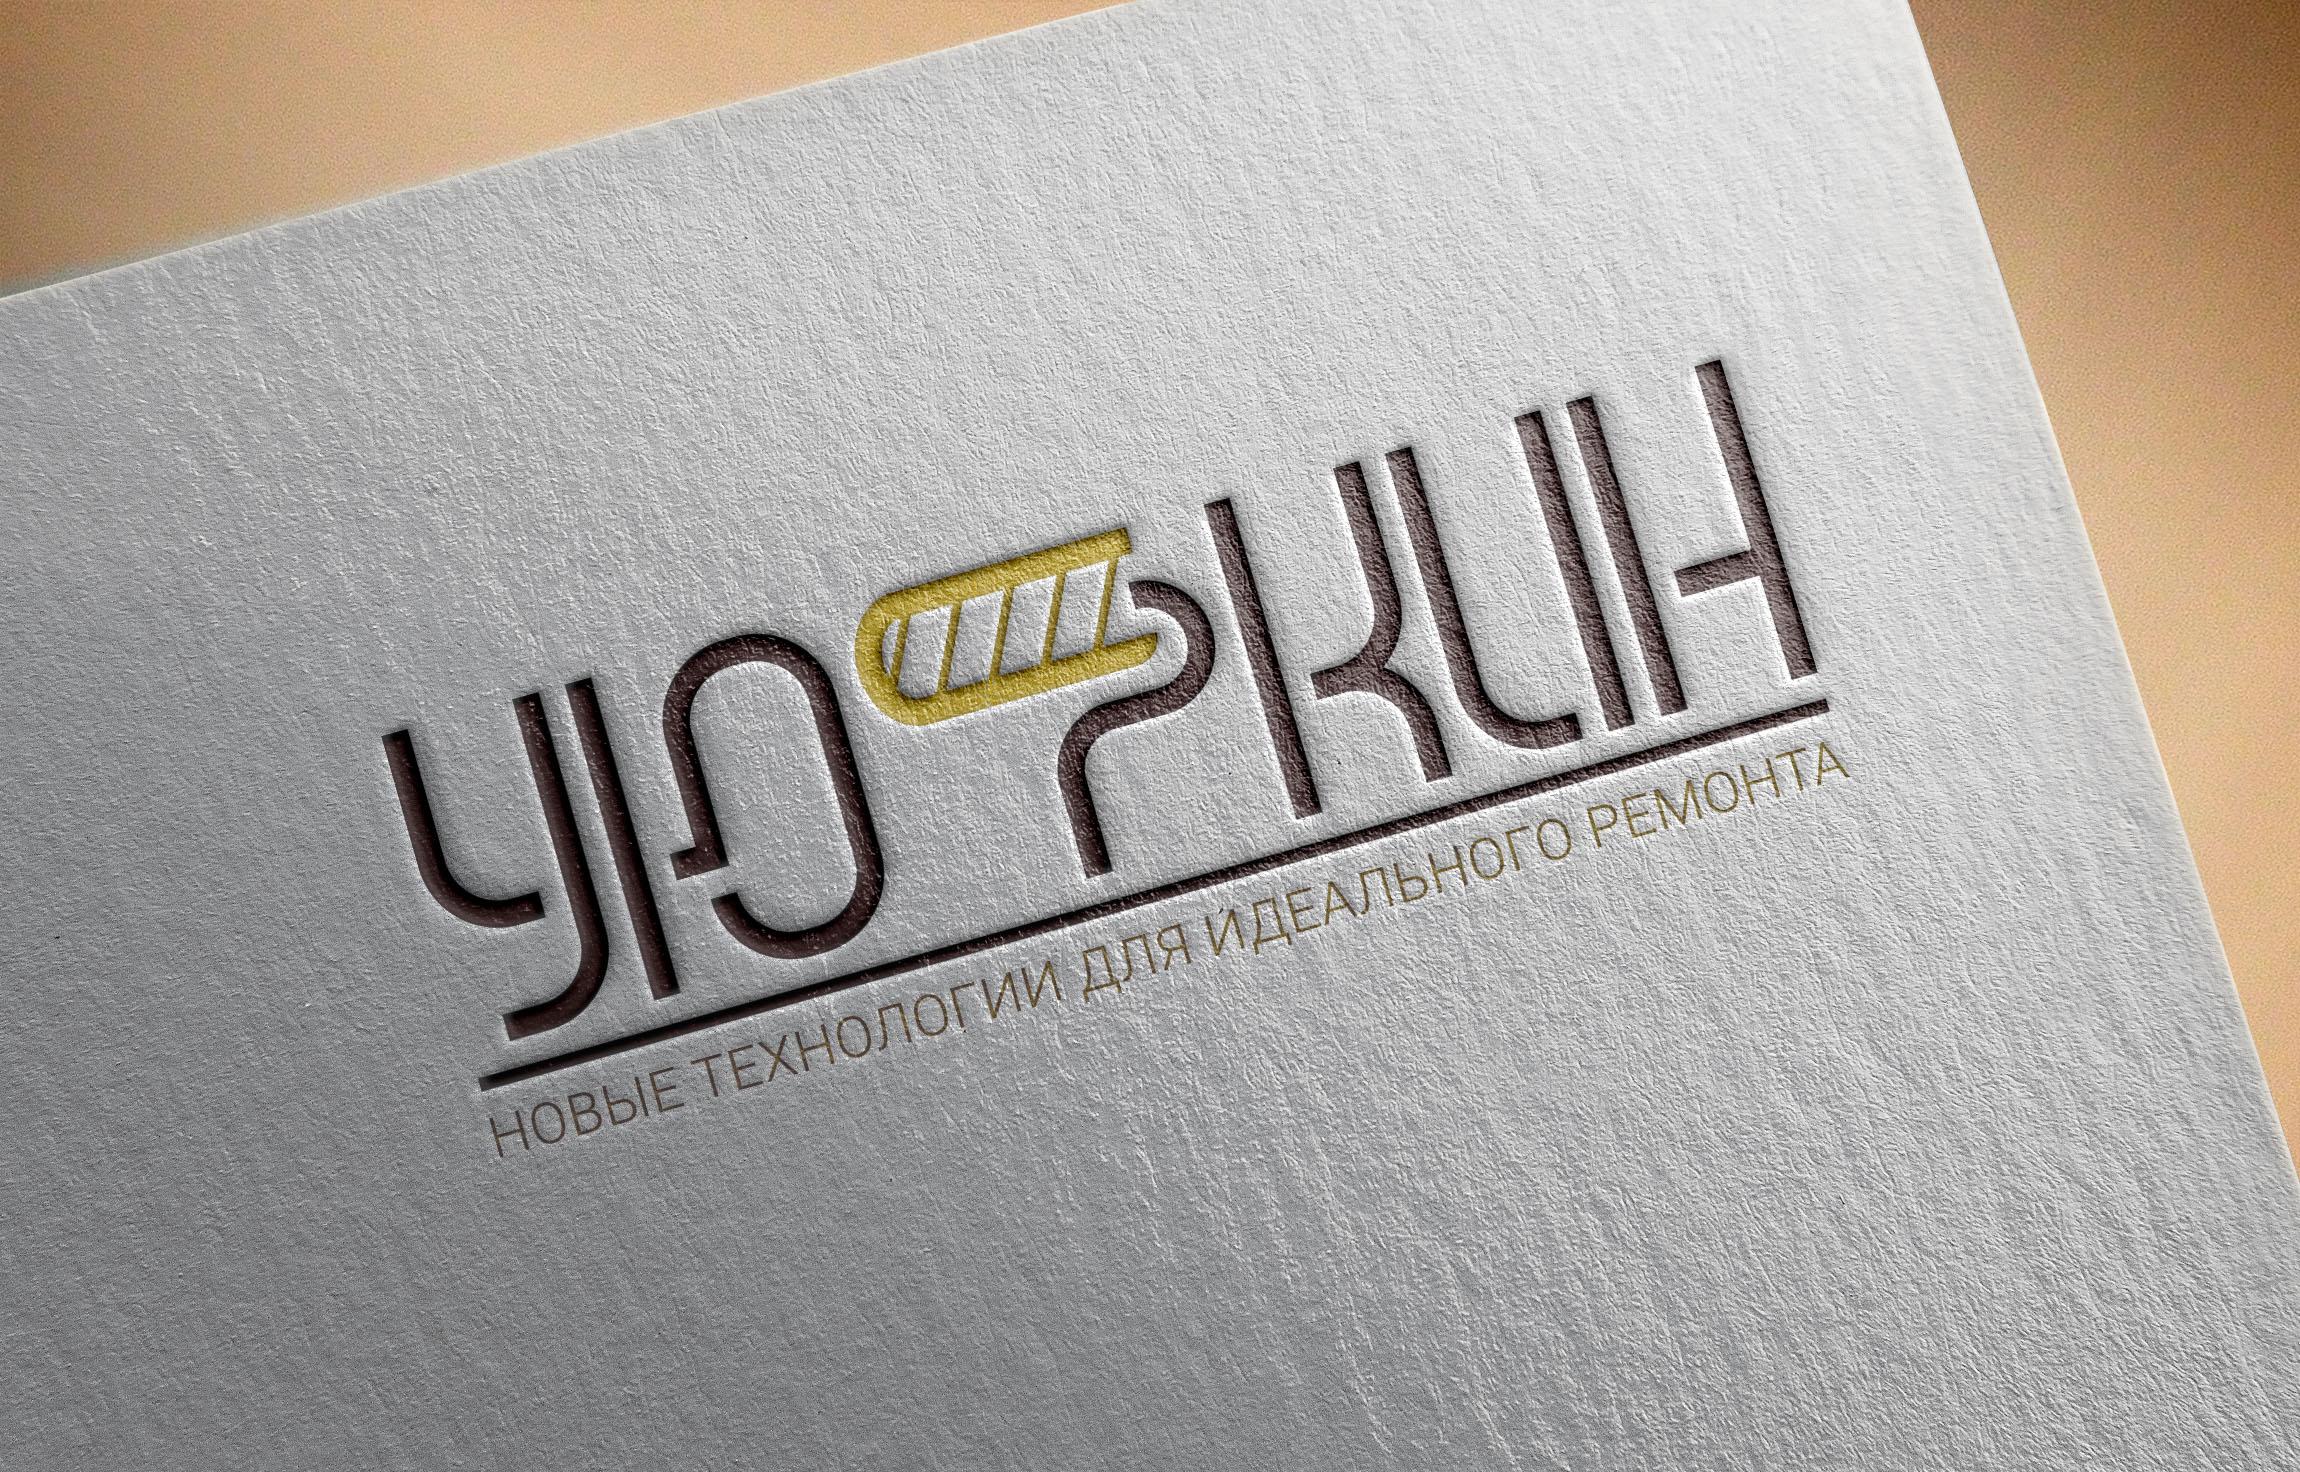 Создание логотипа и стиля сайта фото f_9705c61a4a3f332a.jpg